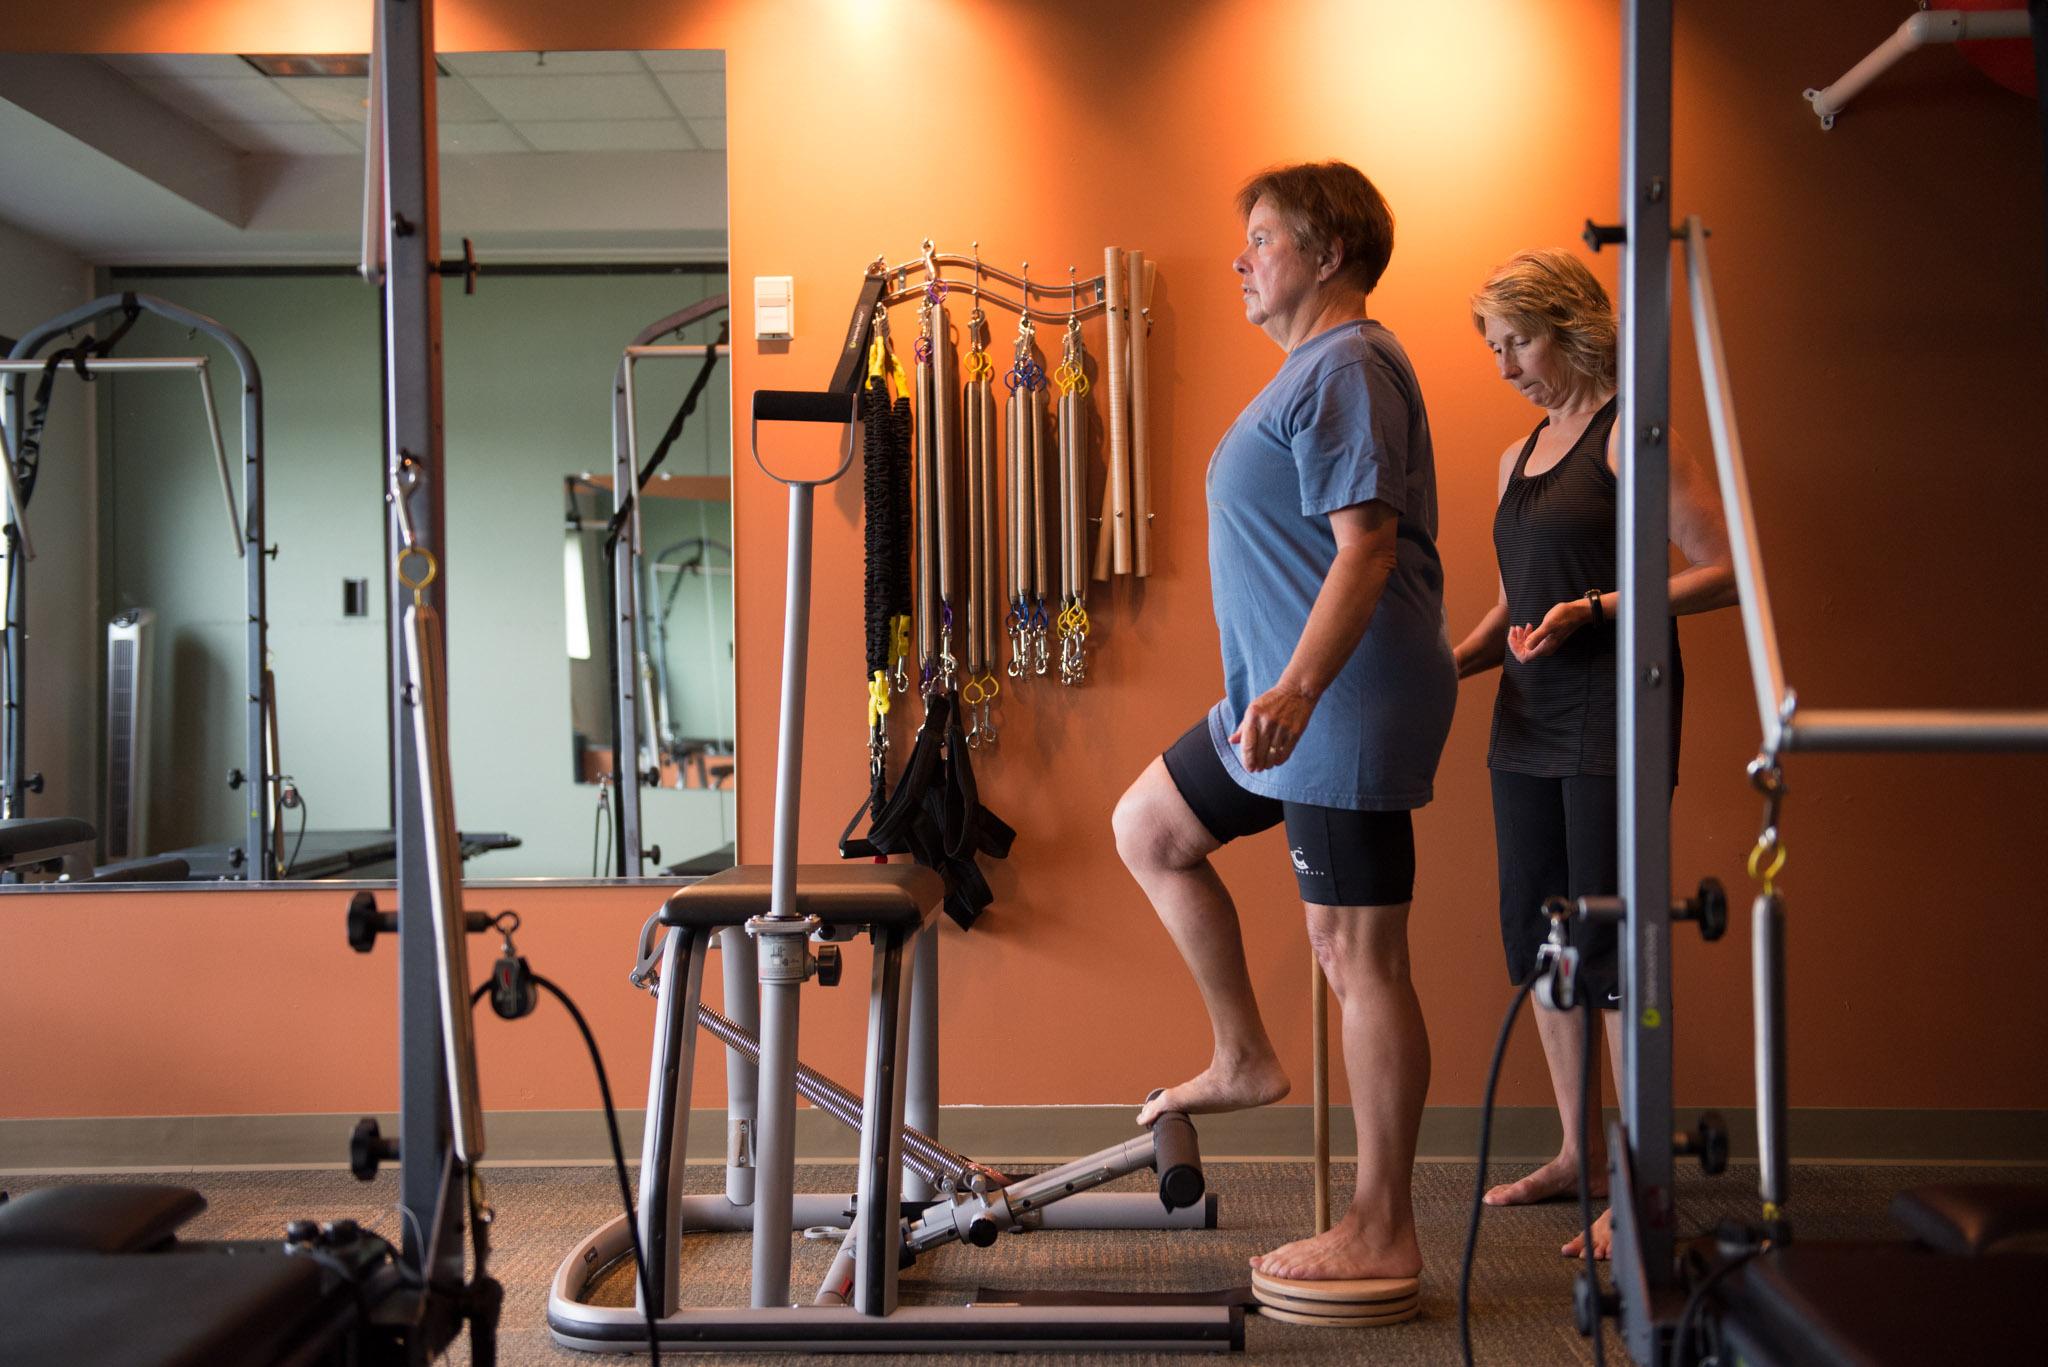 Wellness Center Stock Photos-1391.jpg